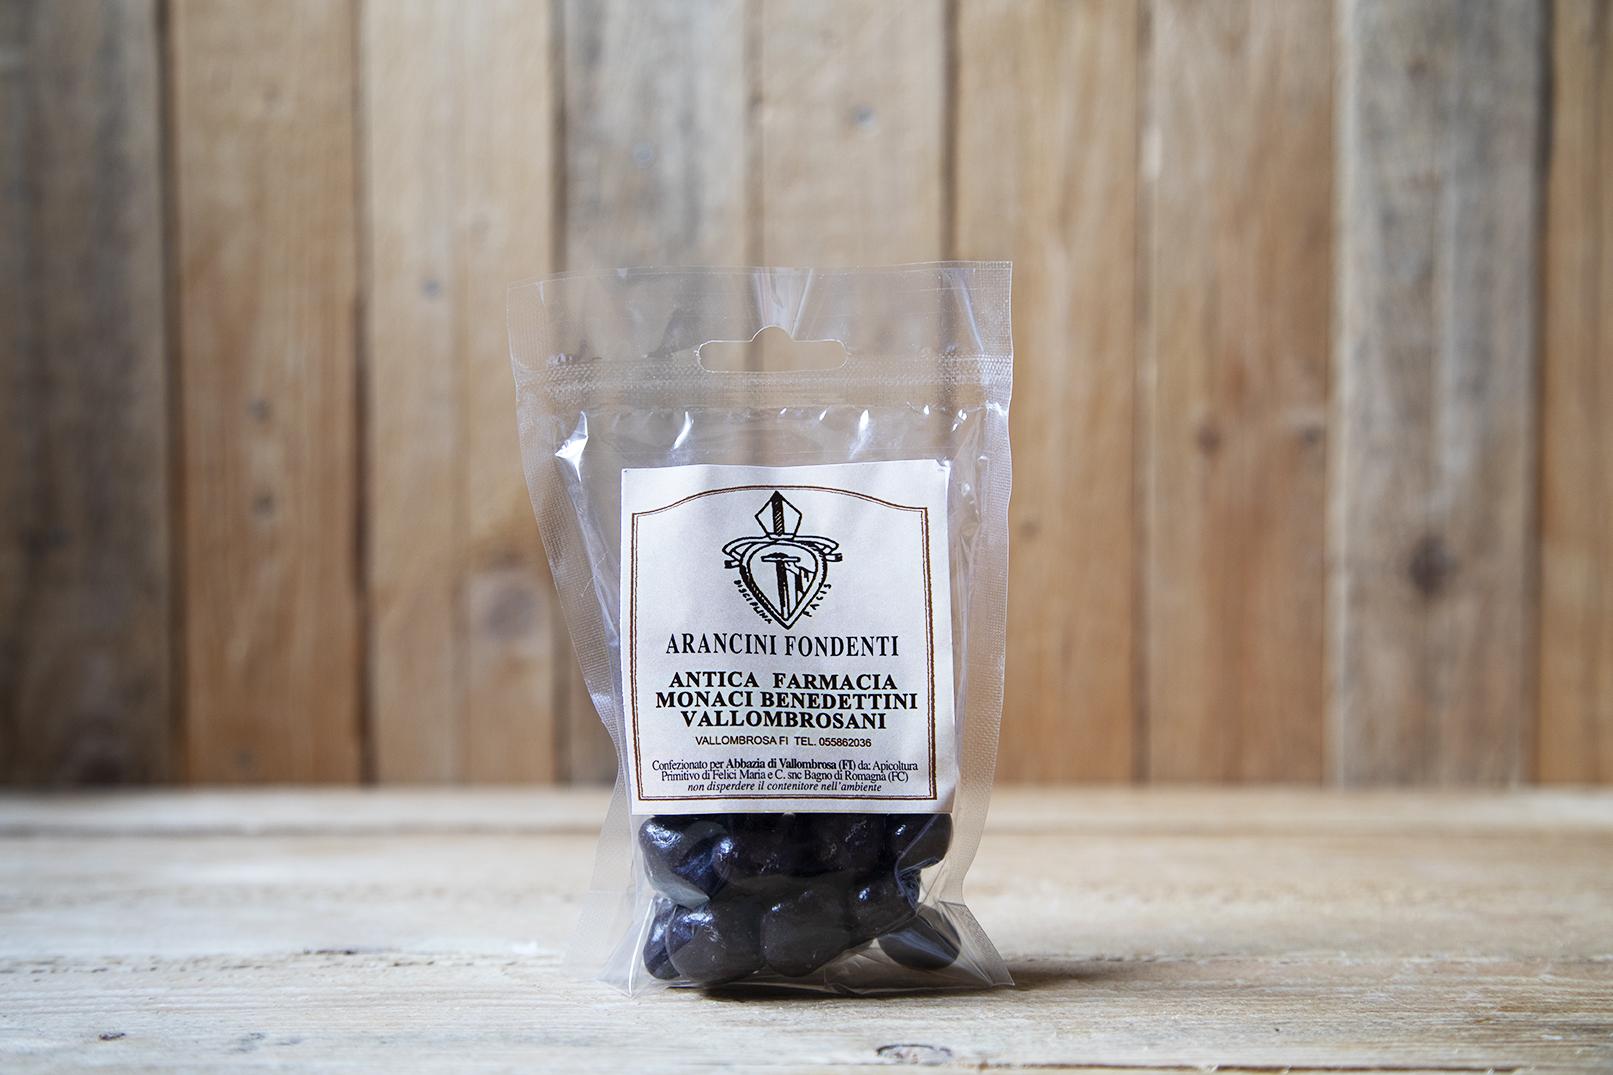 Arancini al cioccolato fondente